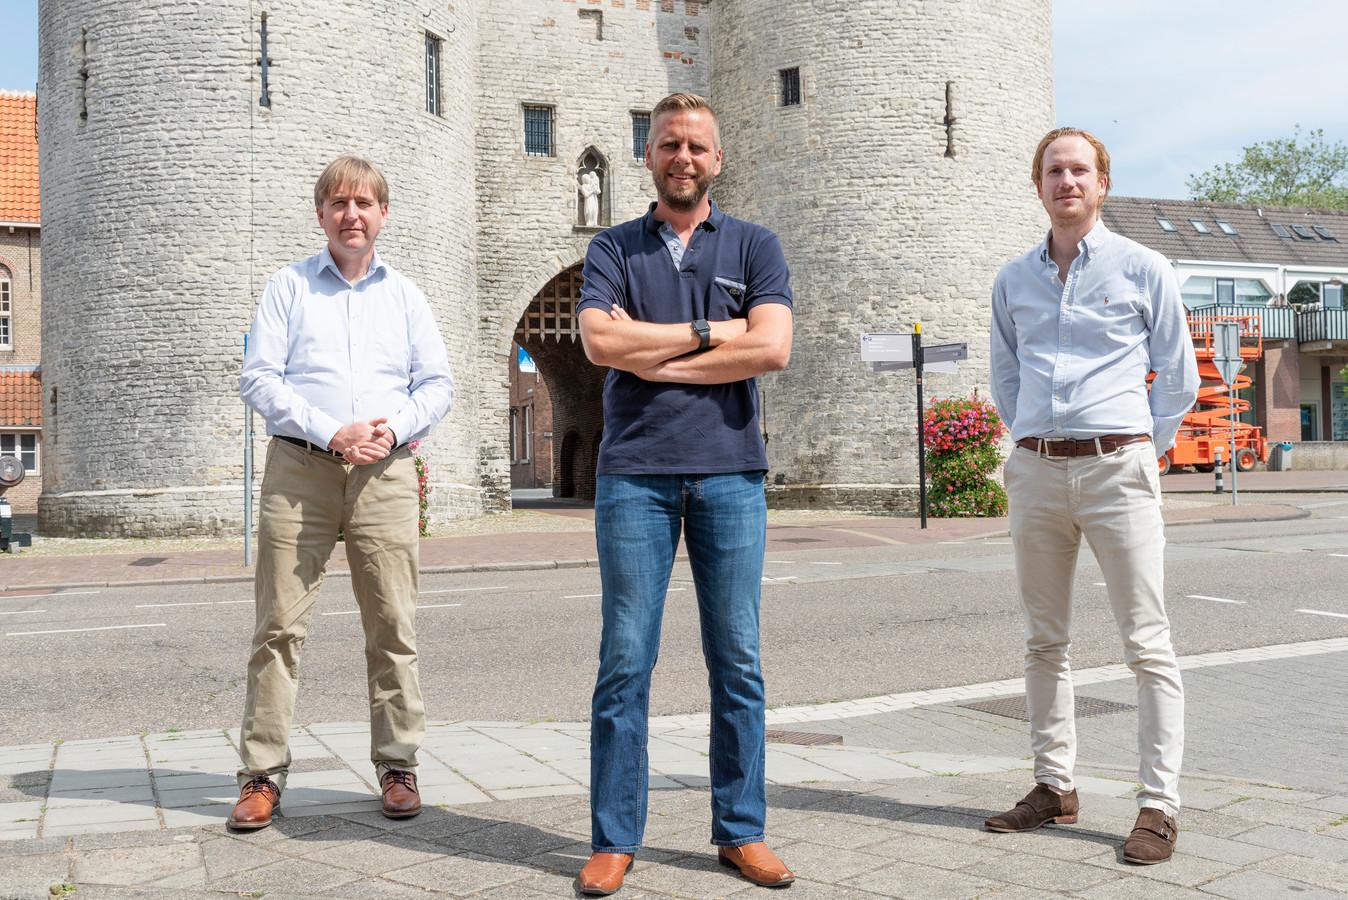 De drie Bergenaren van Groep De Bie in Provinciale Staten van Noord-Brabant: Eric de Bie (l.) Maikel de Bekker (midden) en Camiel van der Meeren (r.) voor de Gevangenpoort in Bergen op Zoom.